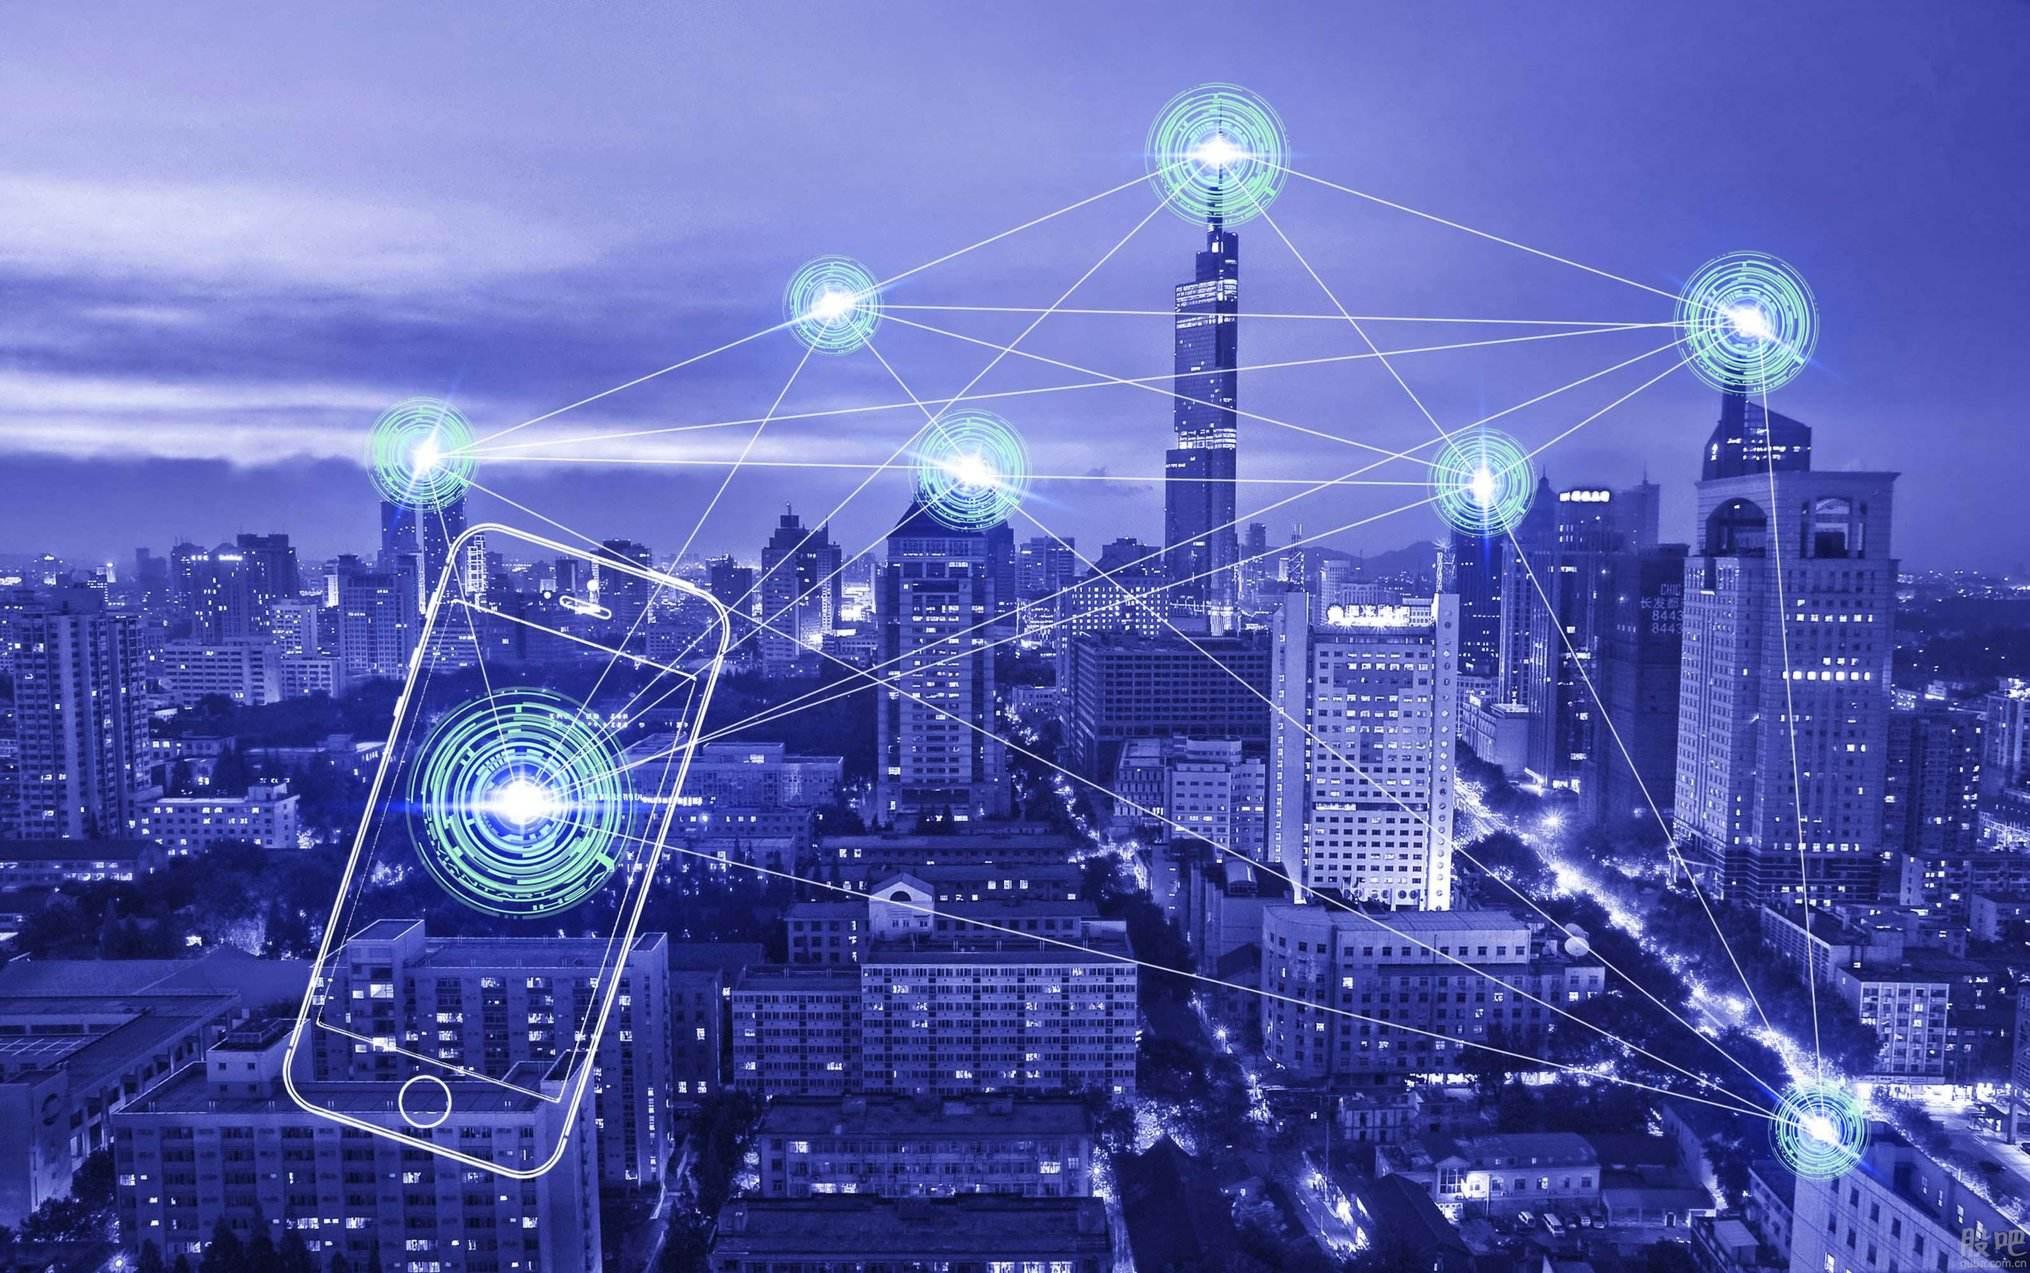 又一国家级区块链项目落地!外汇局上线跨境贸易区块链服务平台